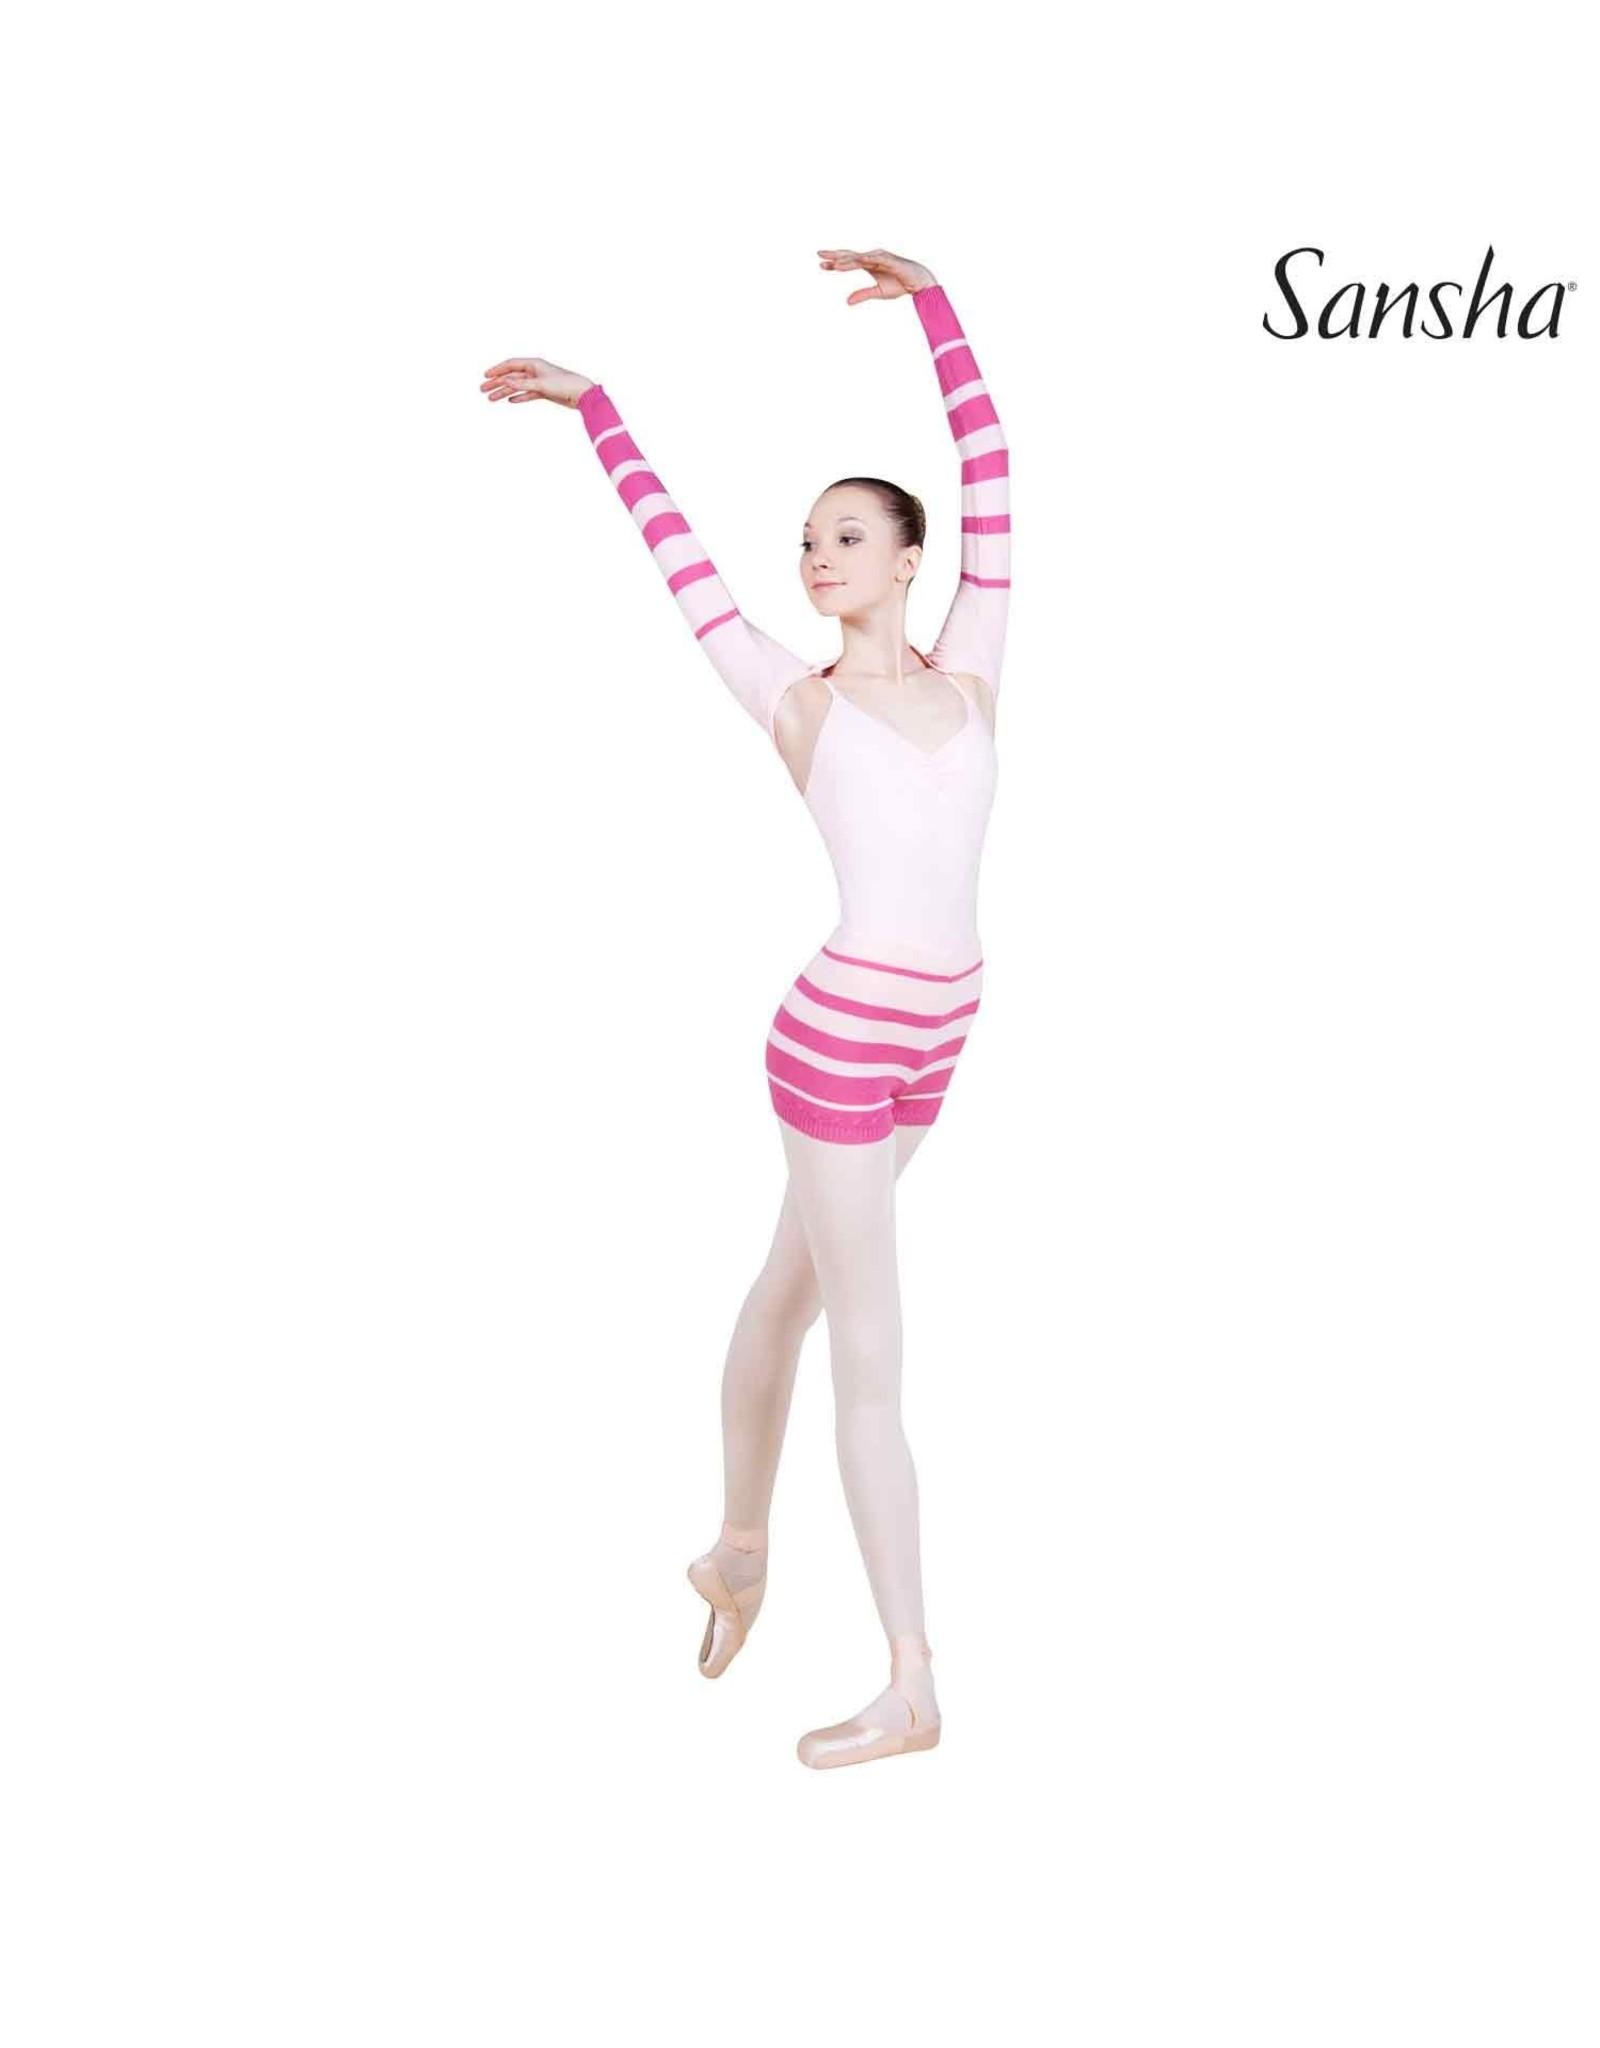 Sansha KT0636C SANSHA WARM UP SHORTS